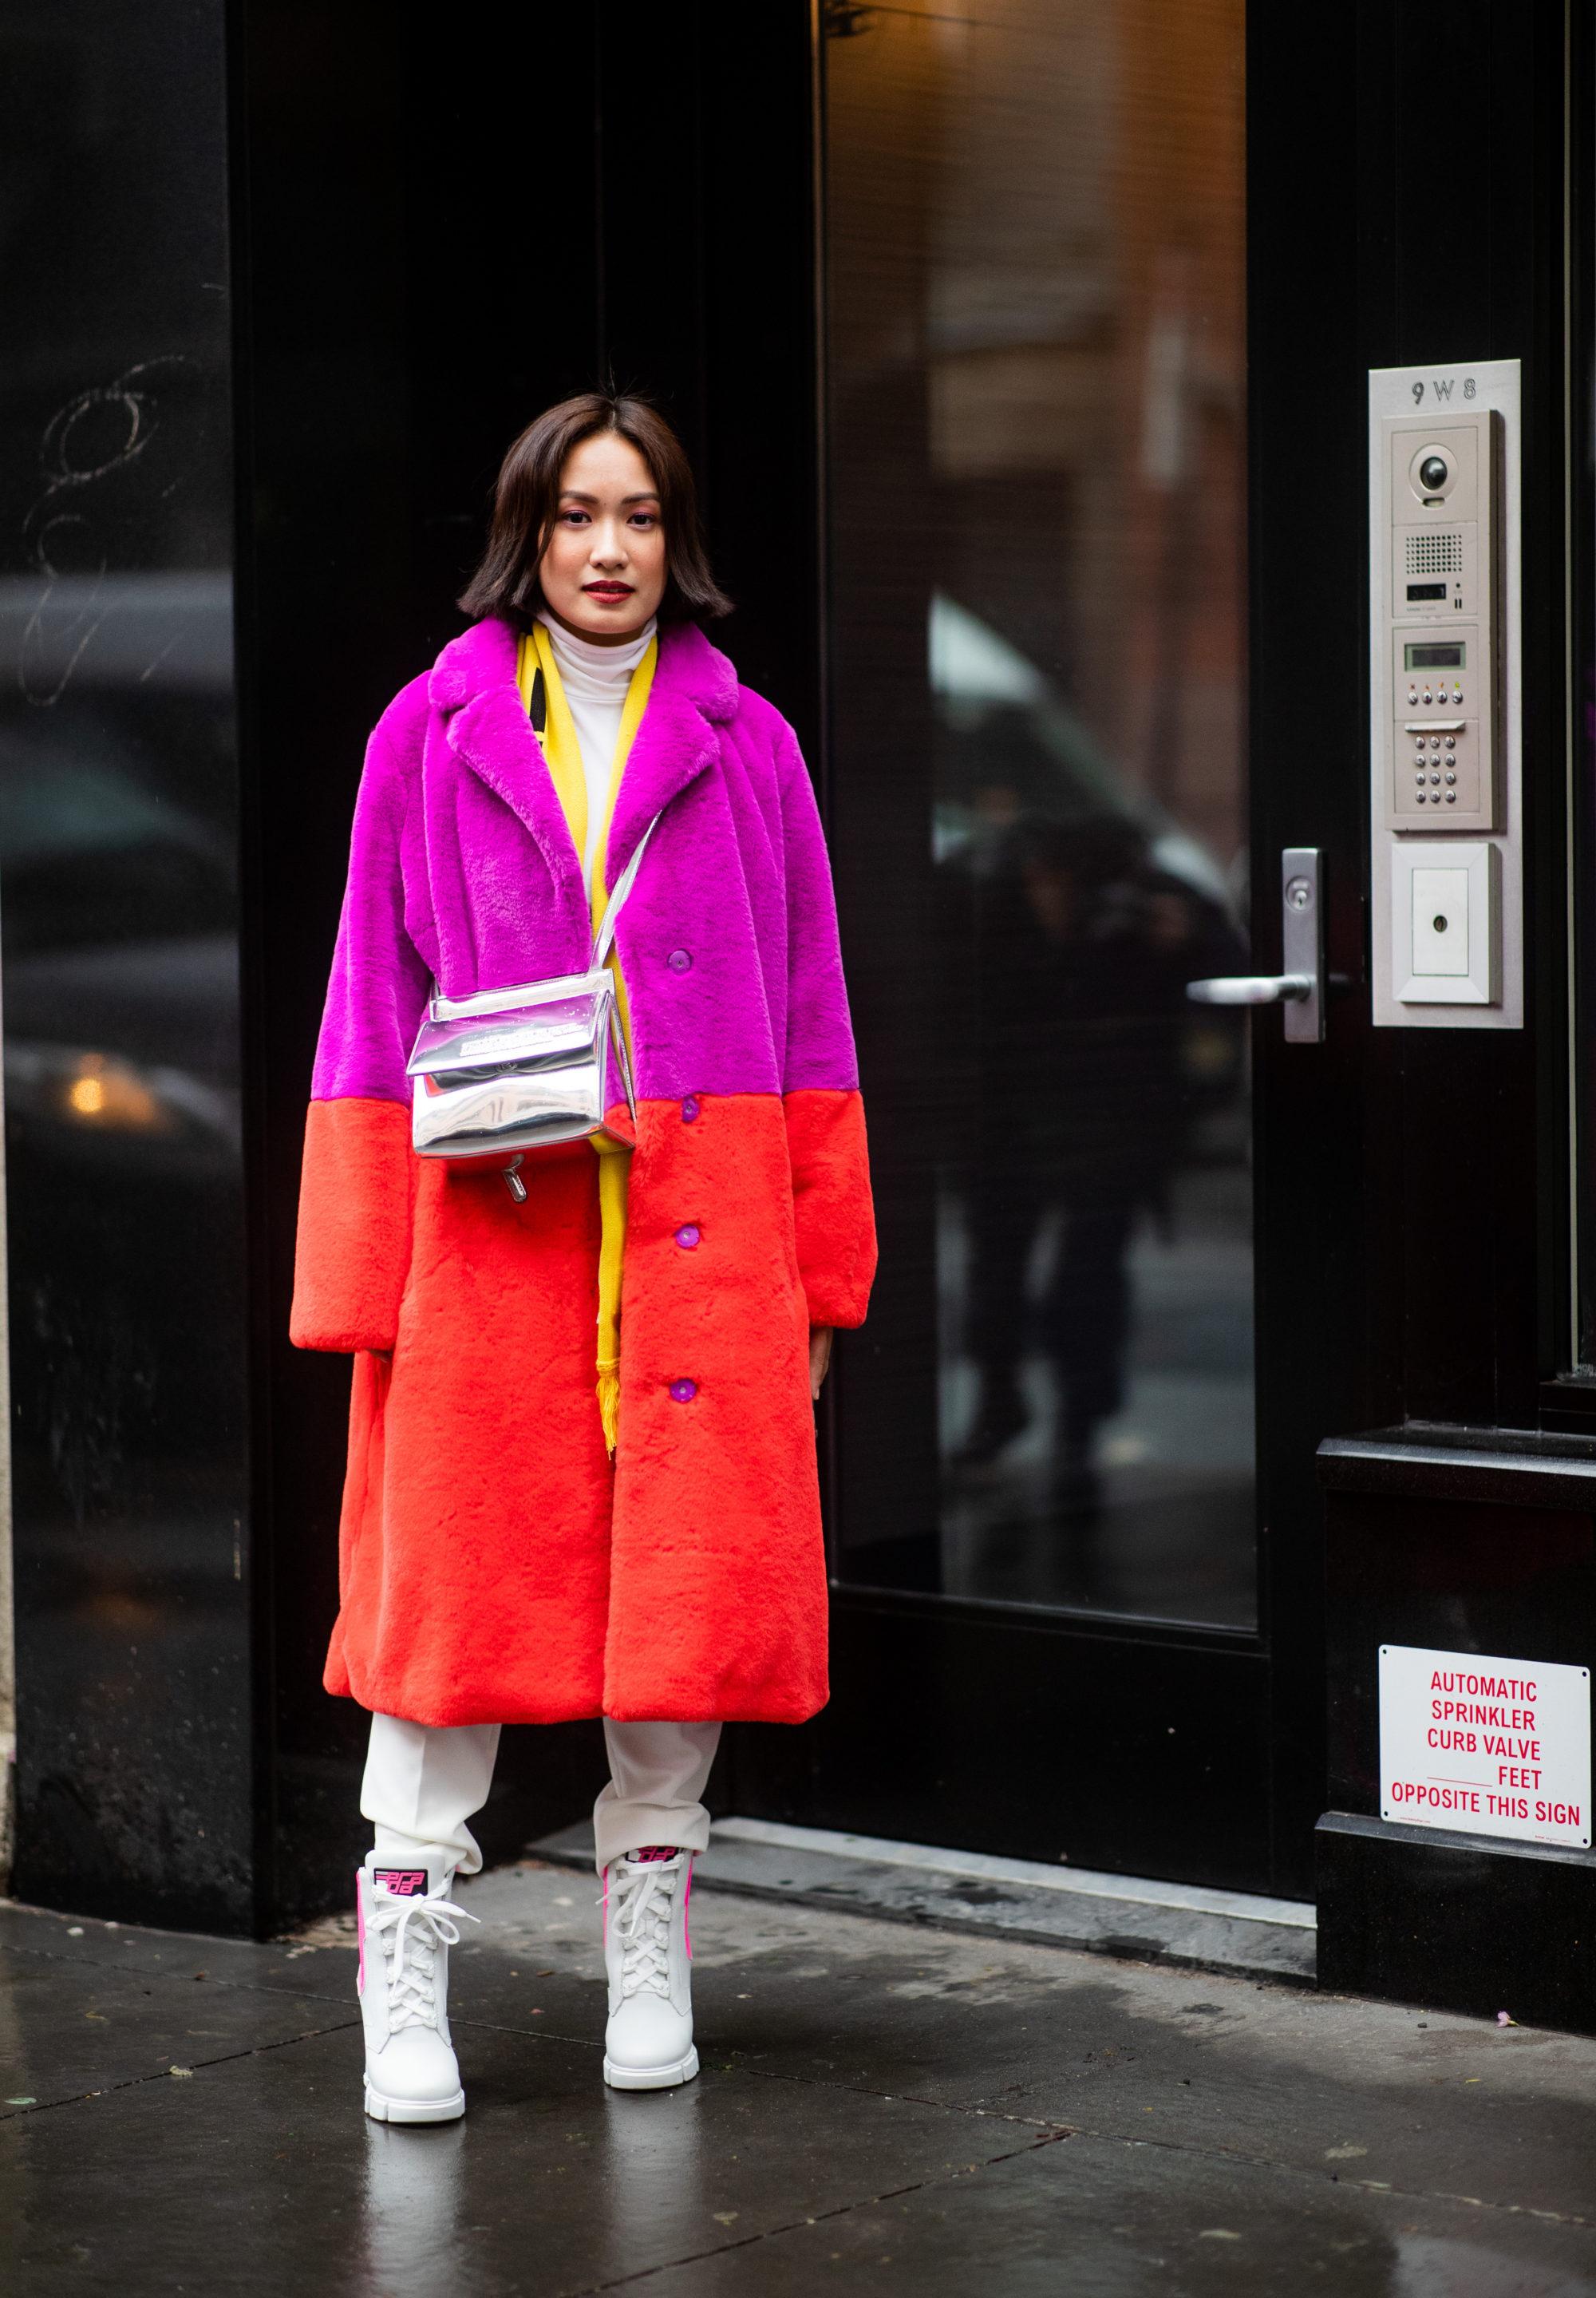 ТОП-10 трендов уличной моды 2019 года: Неон